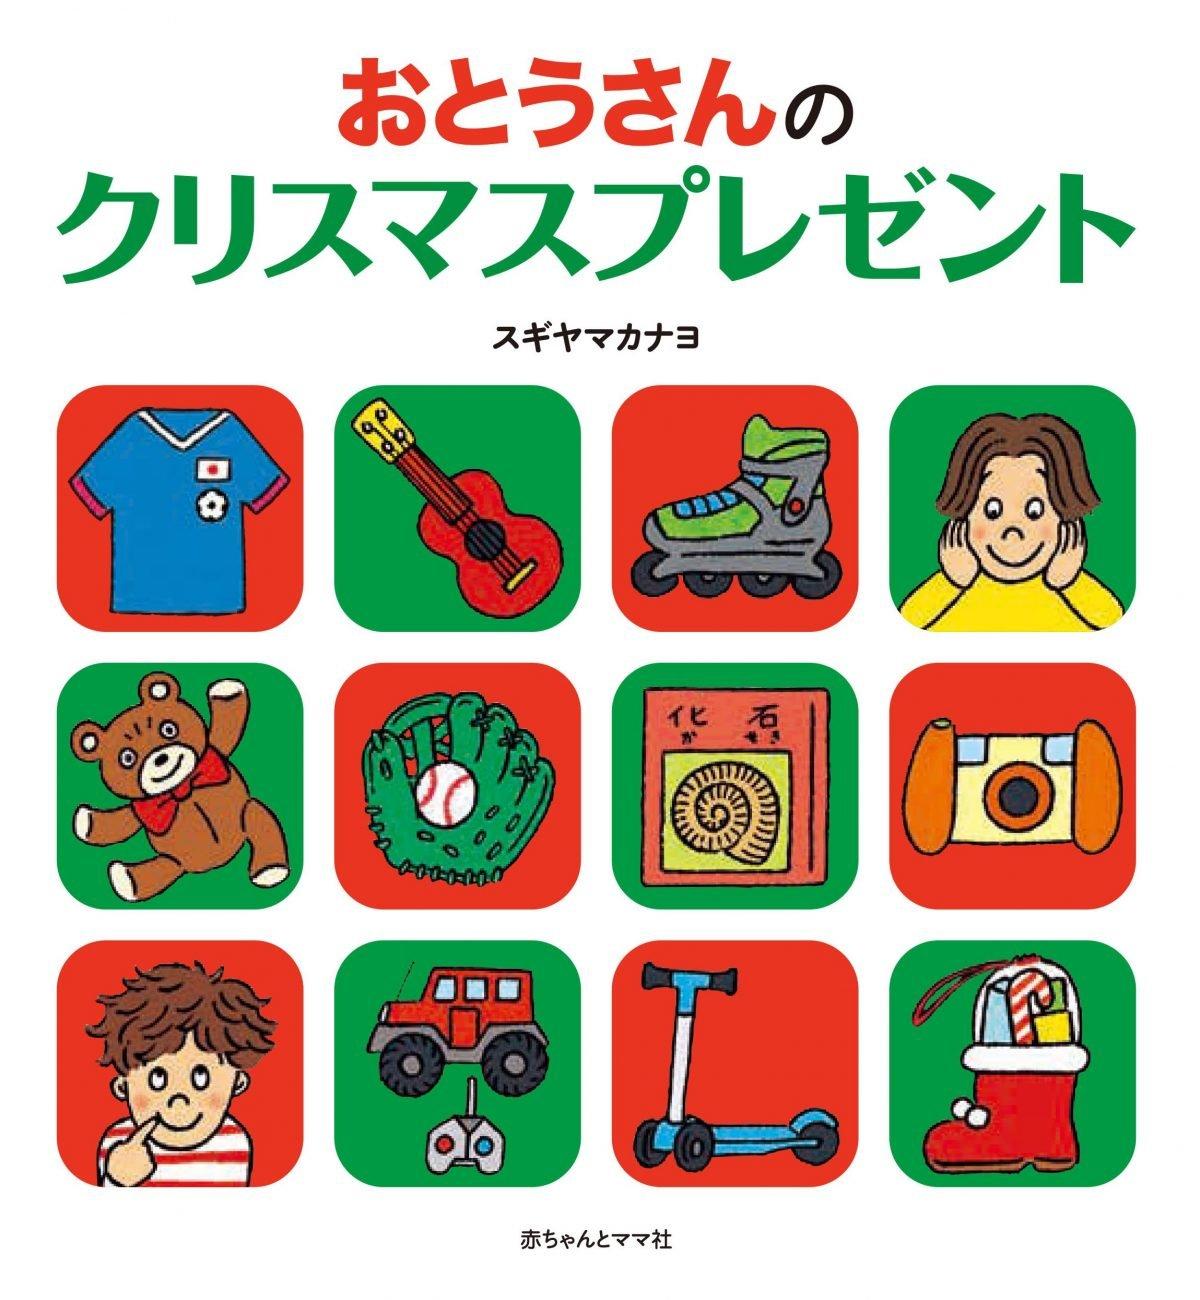 絵本「おとうさんのクリスマスプレゼント」の表紙